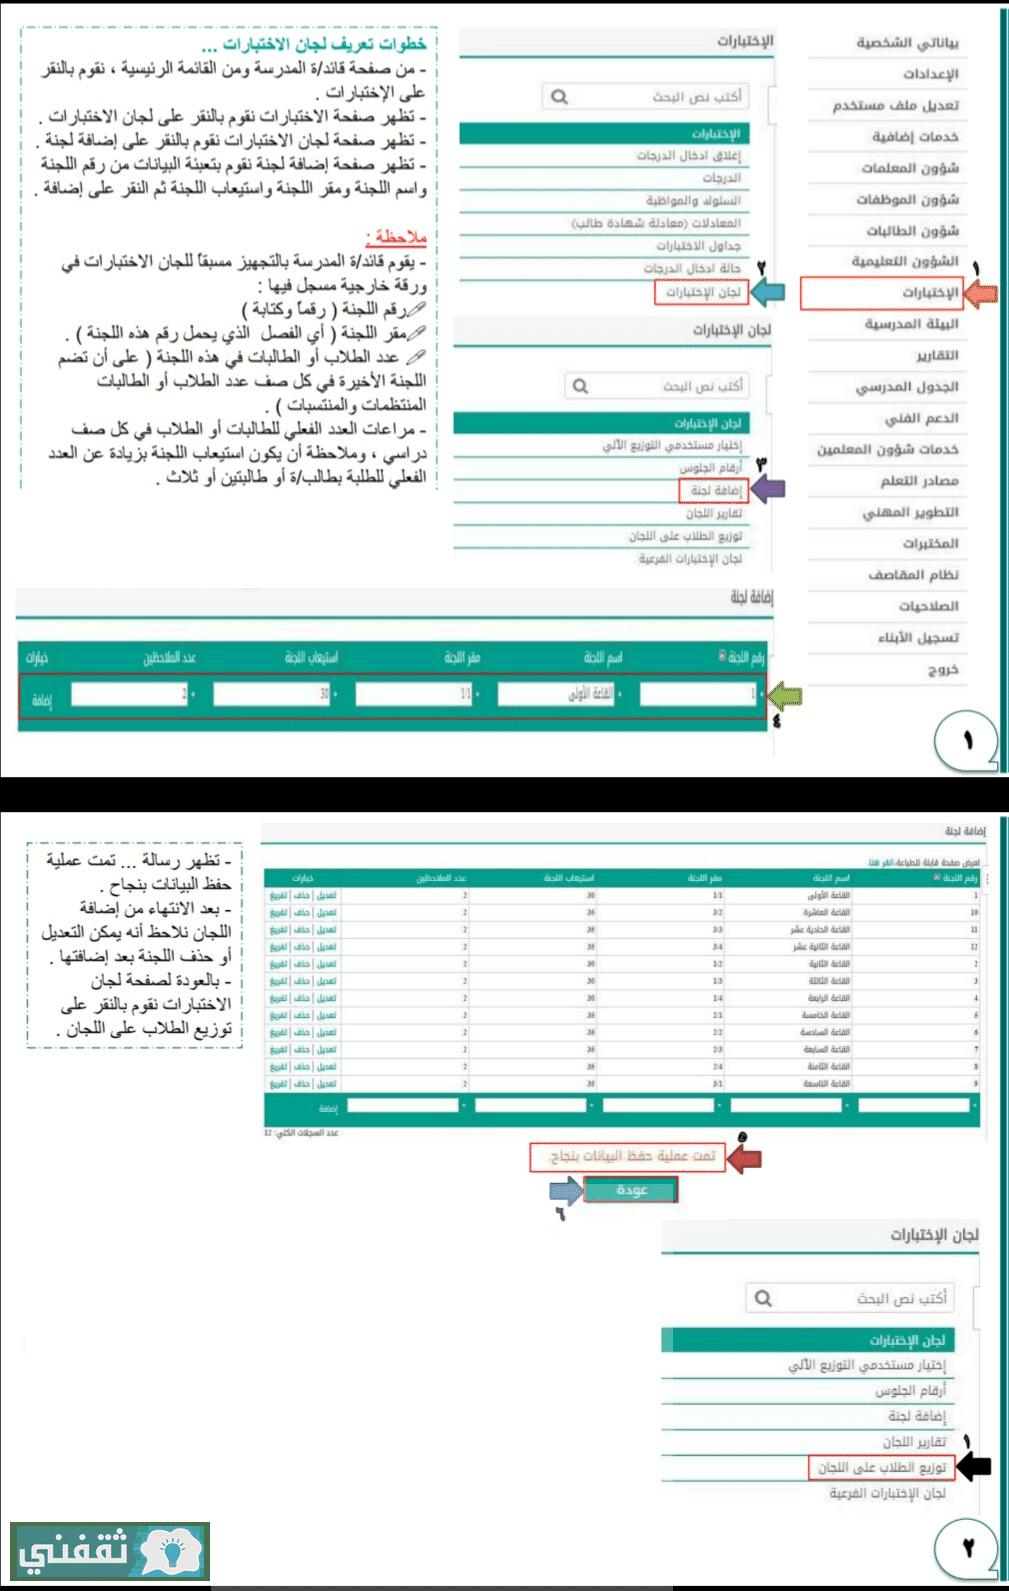 نظام نور المركزي الاستعلام عن نتائج الطلاب الفصل الدراسي الأول 1440